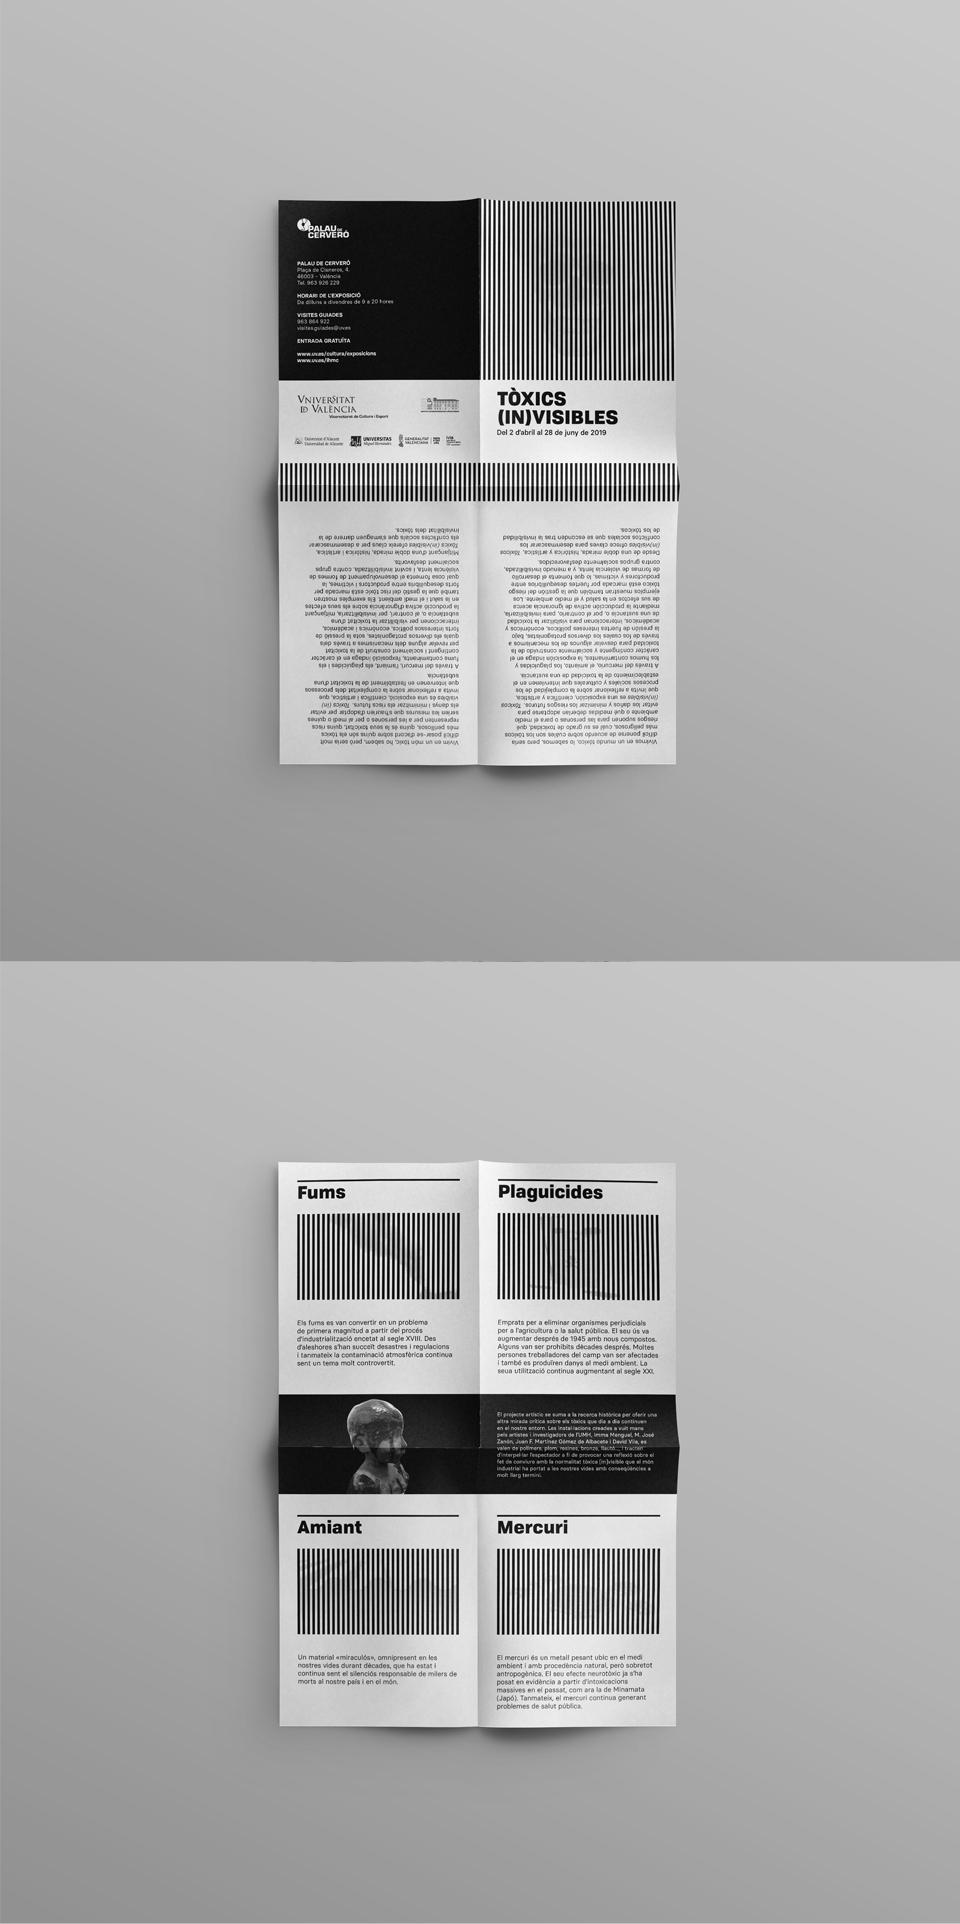 folleto-toxicos